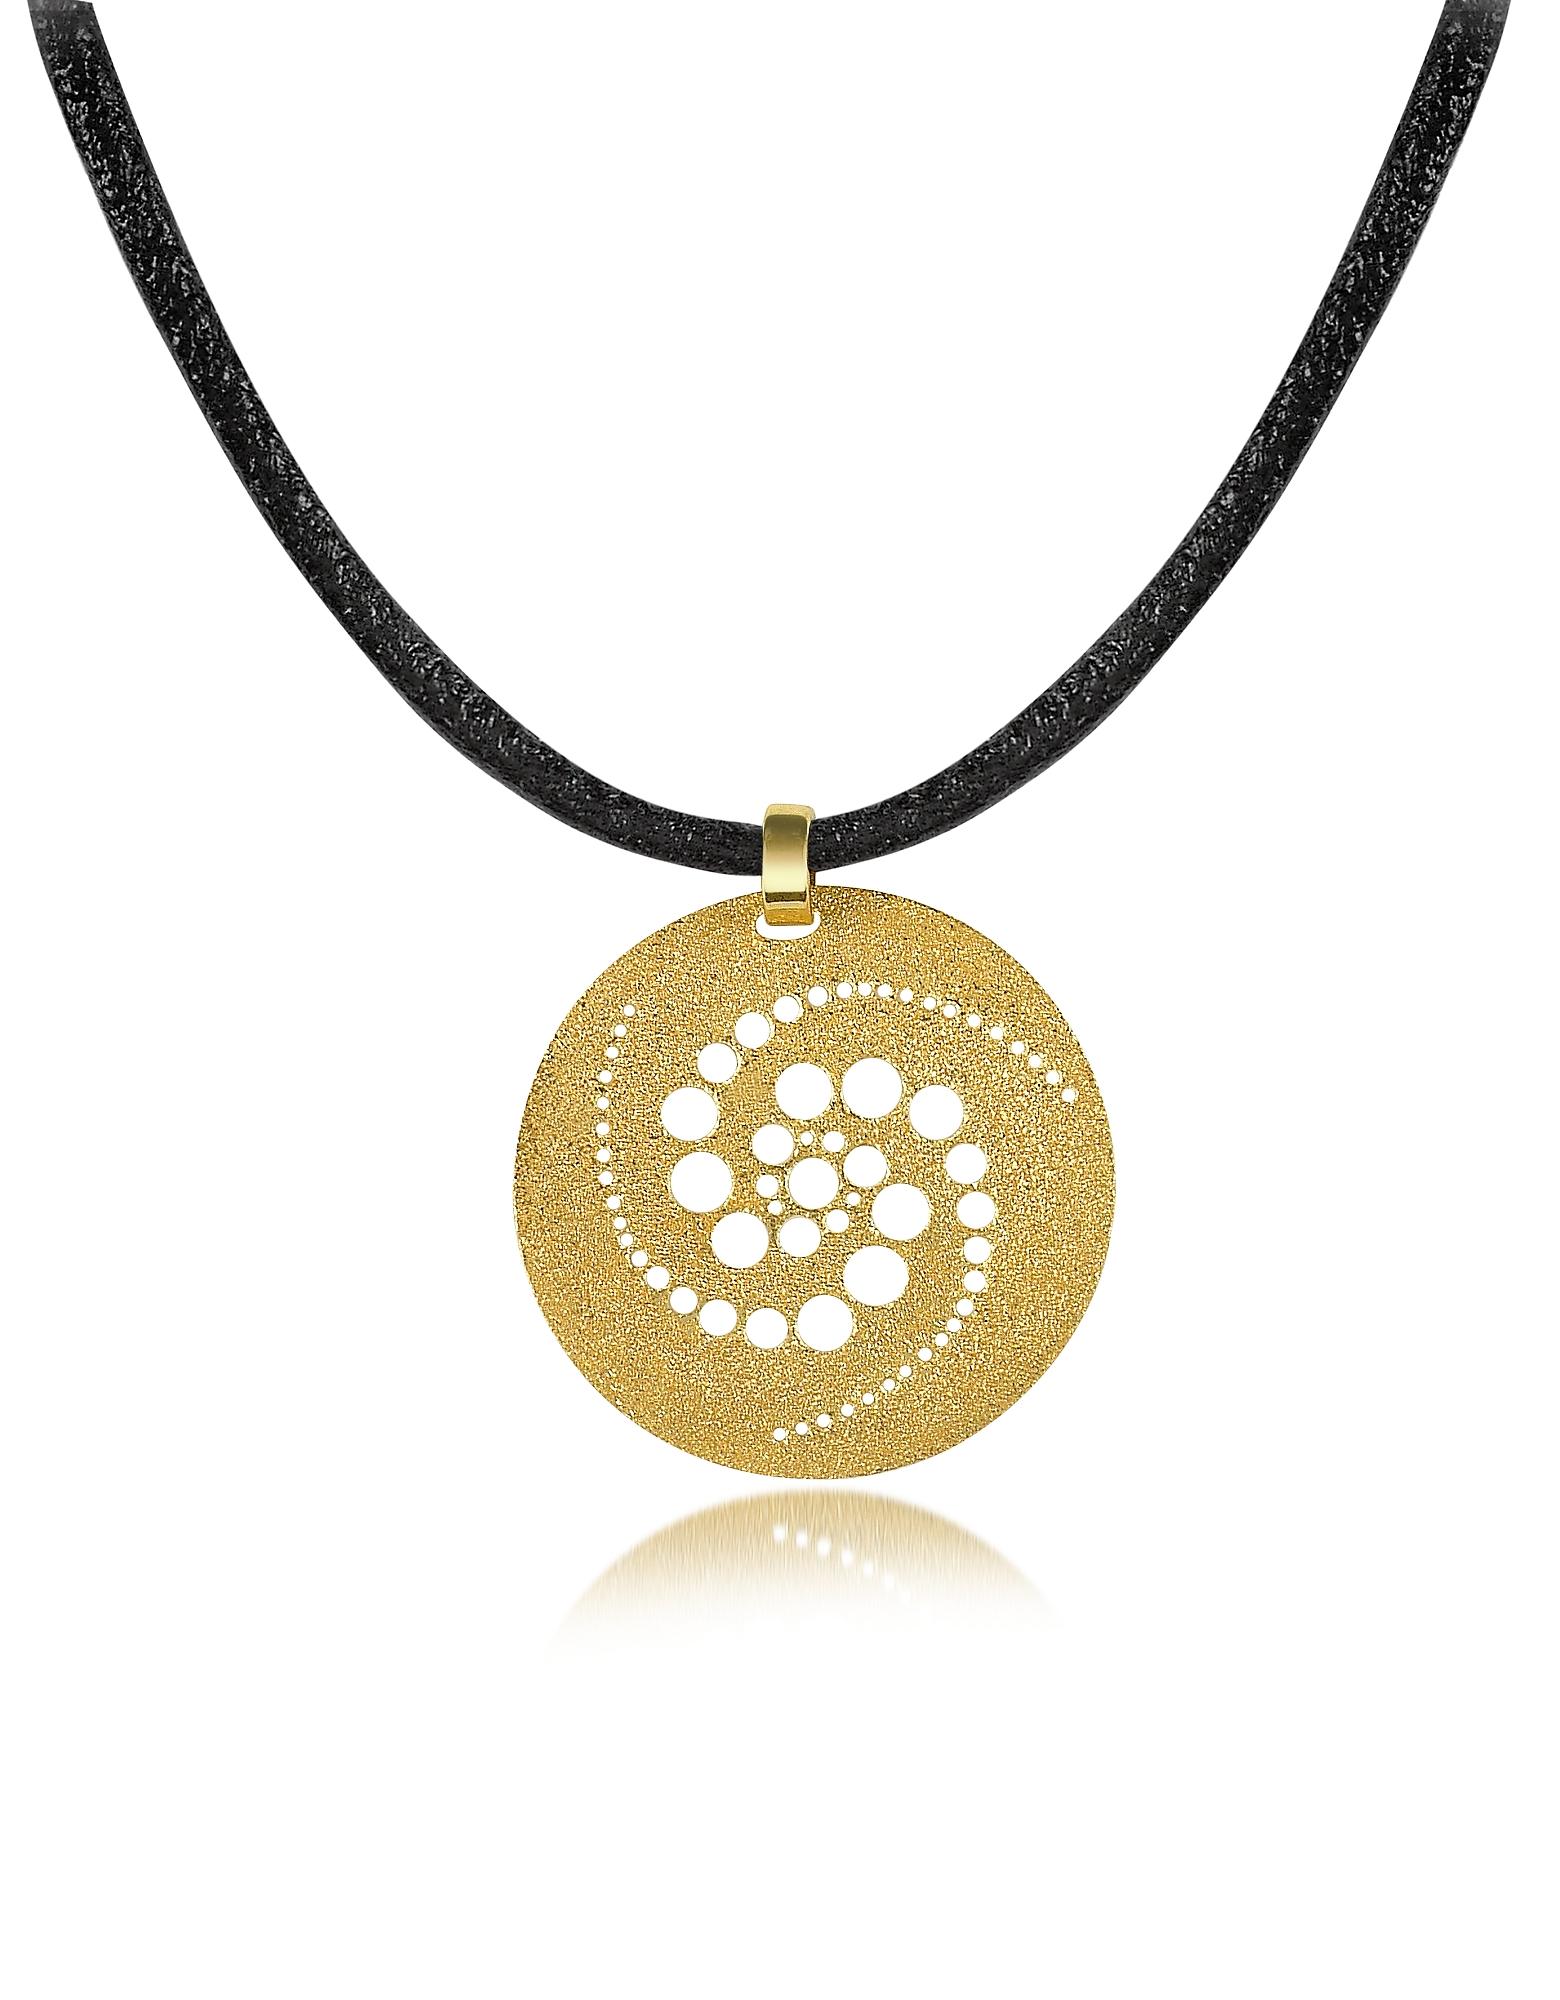 Золотистая Круглая Подвеска из Серебра, Стилизованная под Космические Круги, на Кожаном Шнурке